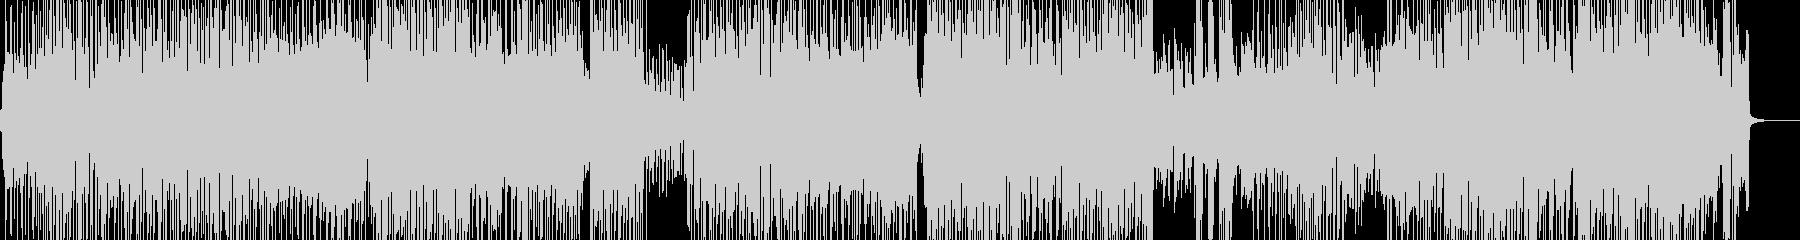 パステル調・ゆるふわメルヘンポップ Aの未再生の波形